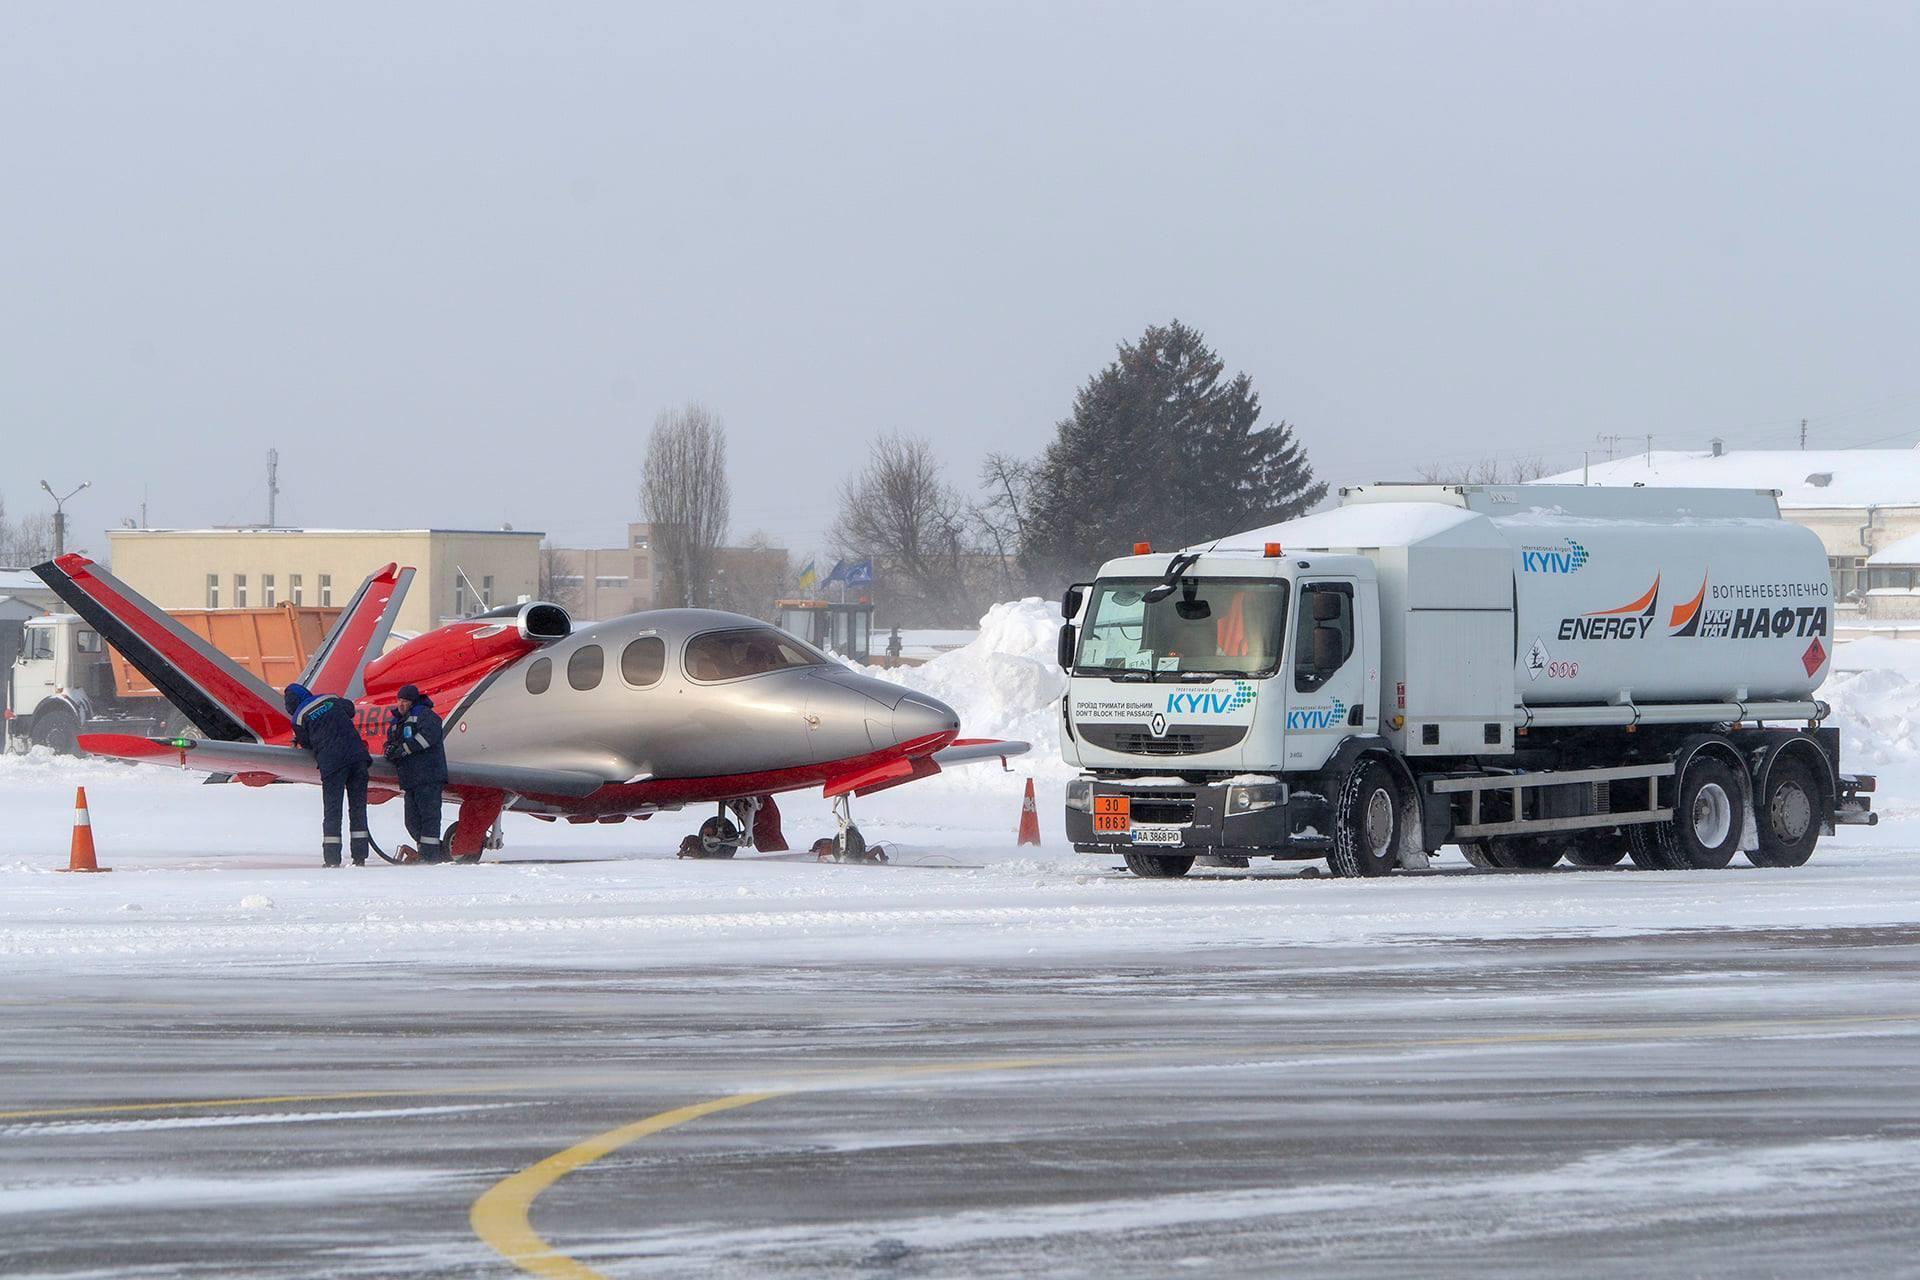 Он рассчитан на 6 пассажиров и пилота.